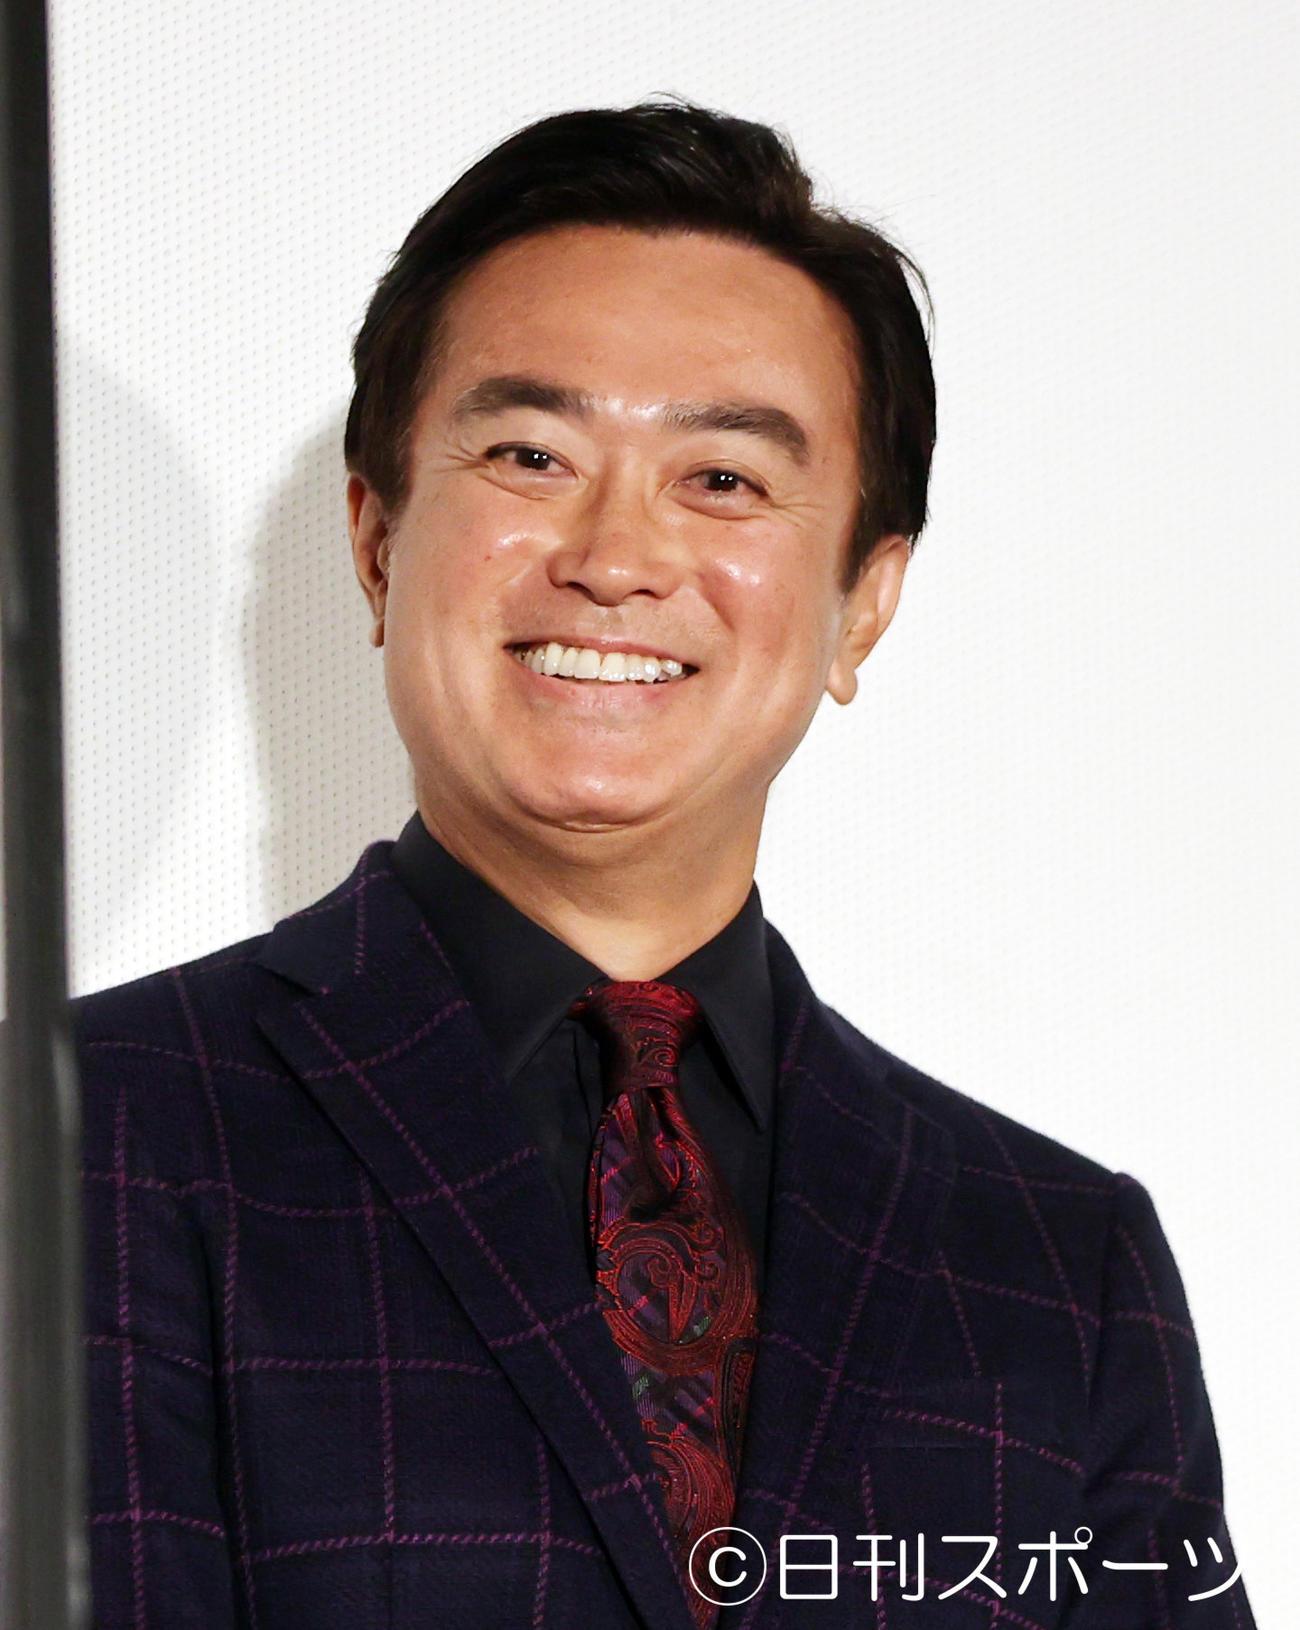 石黒賢(2020年11月21日撮影)